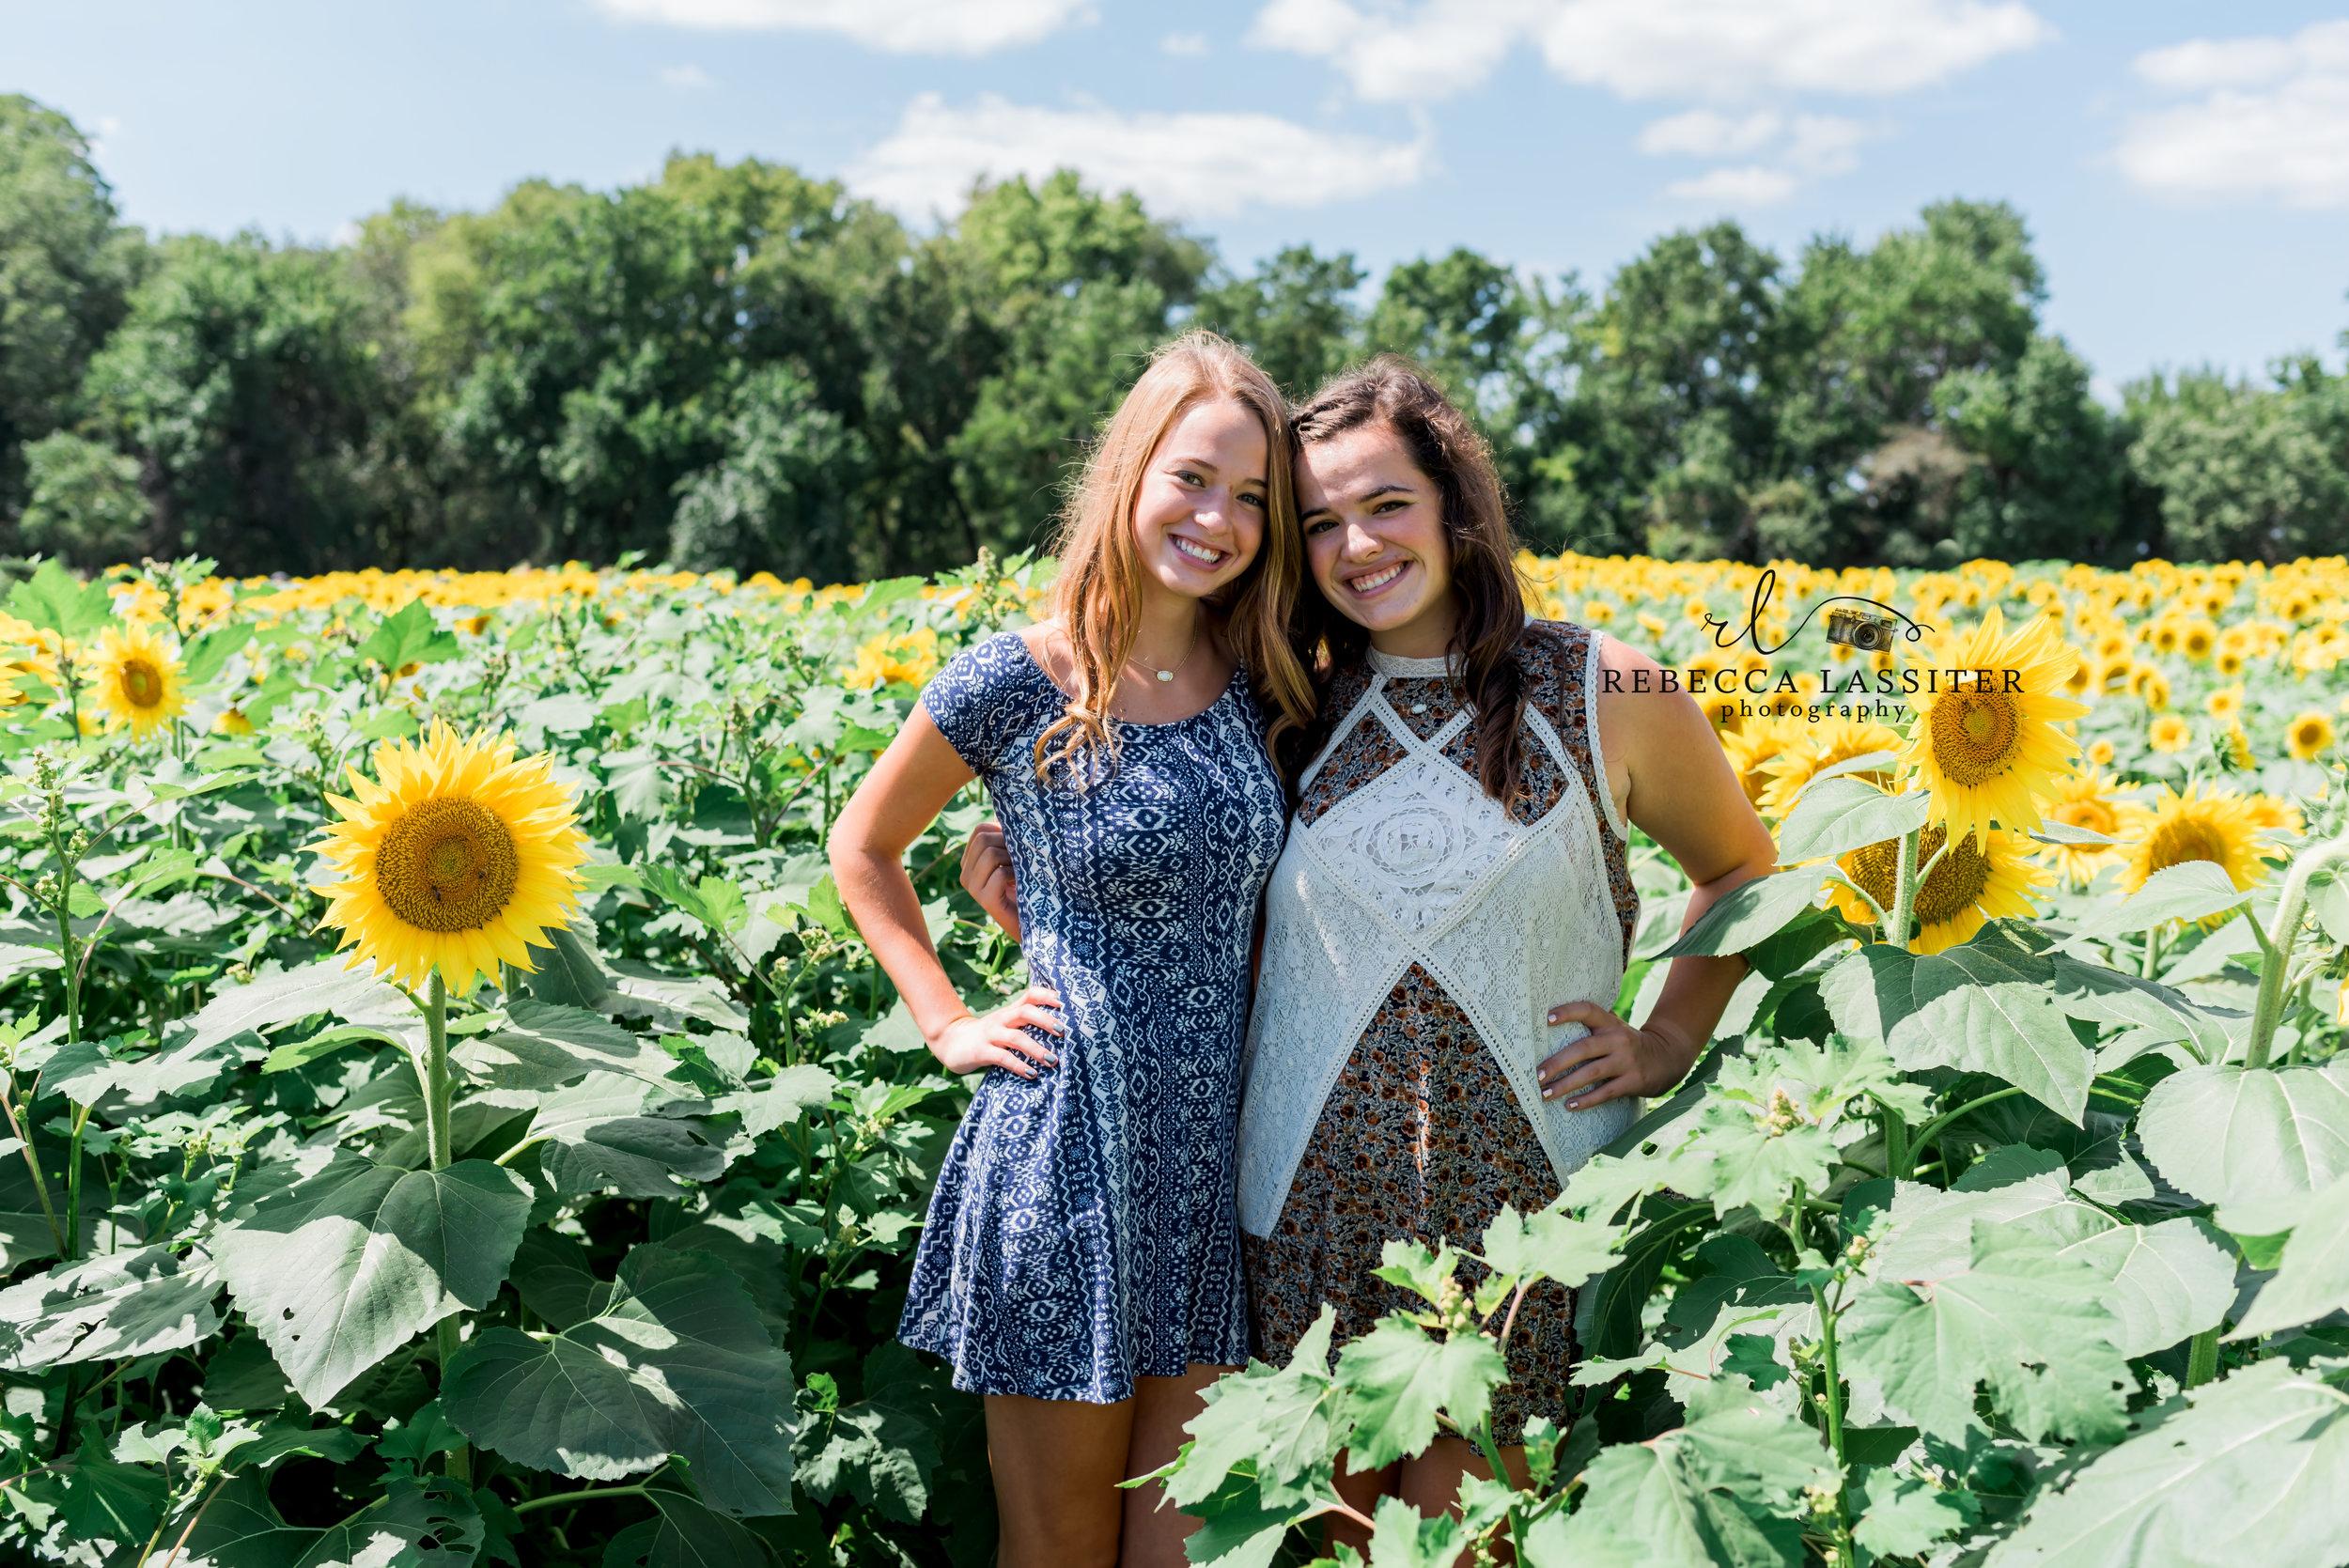 Rebecca Lassiter Photography Grinter Farms